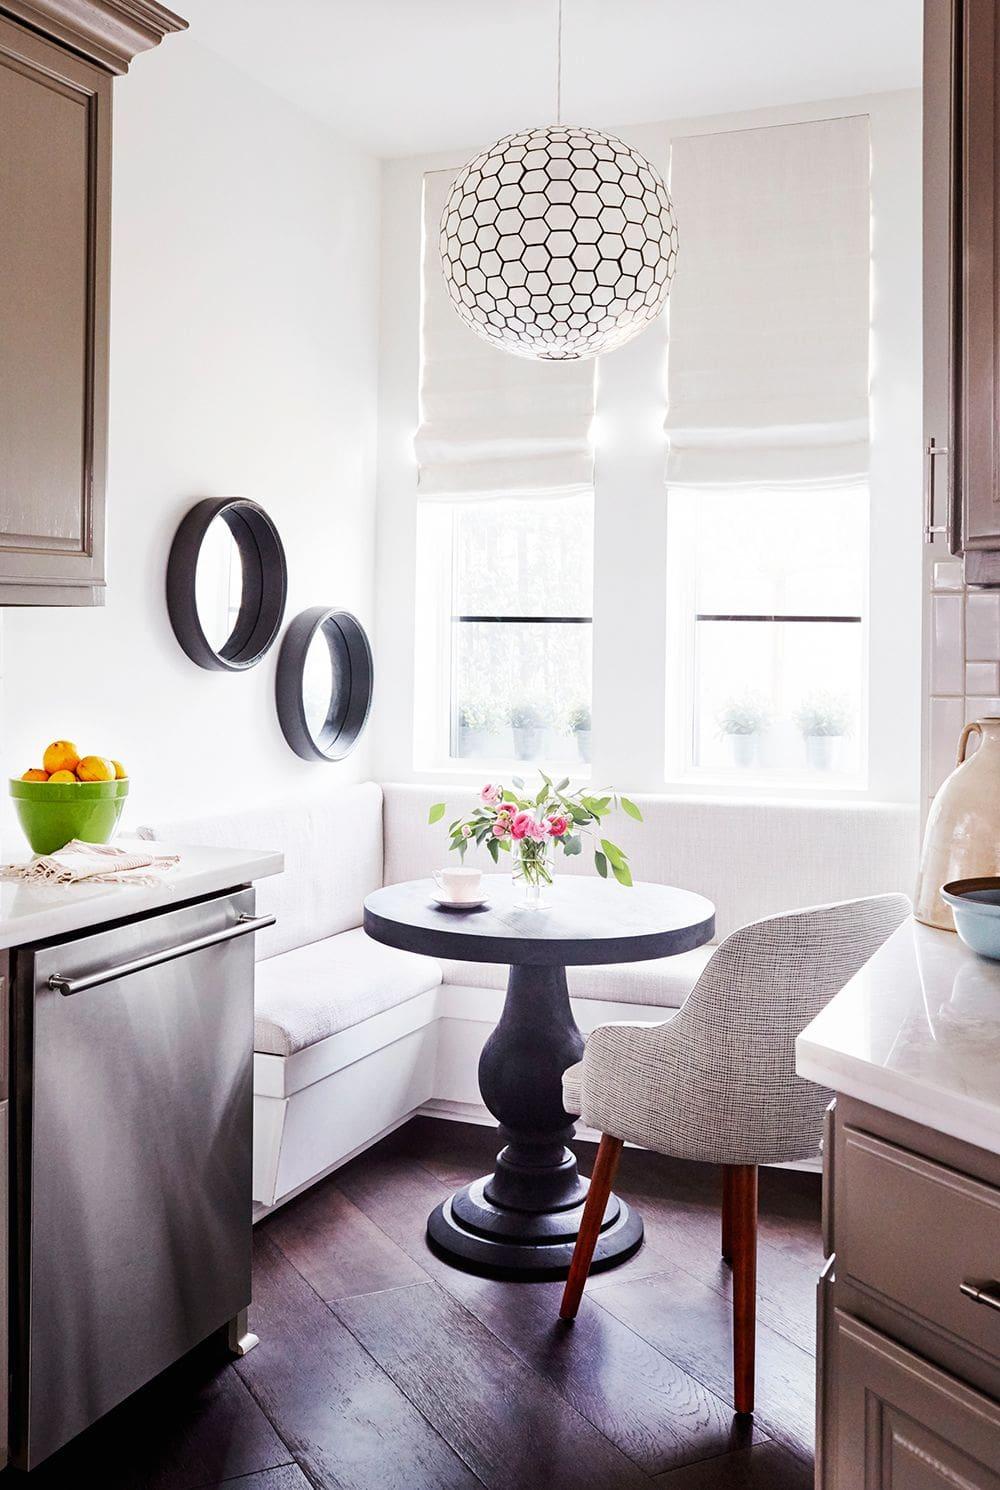 Кухня в цветах: серый, светло-серый, белый. Кухня в стиле эклектика.